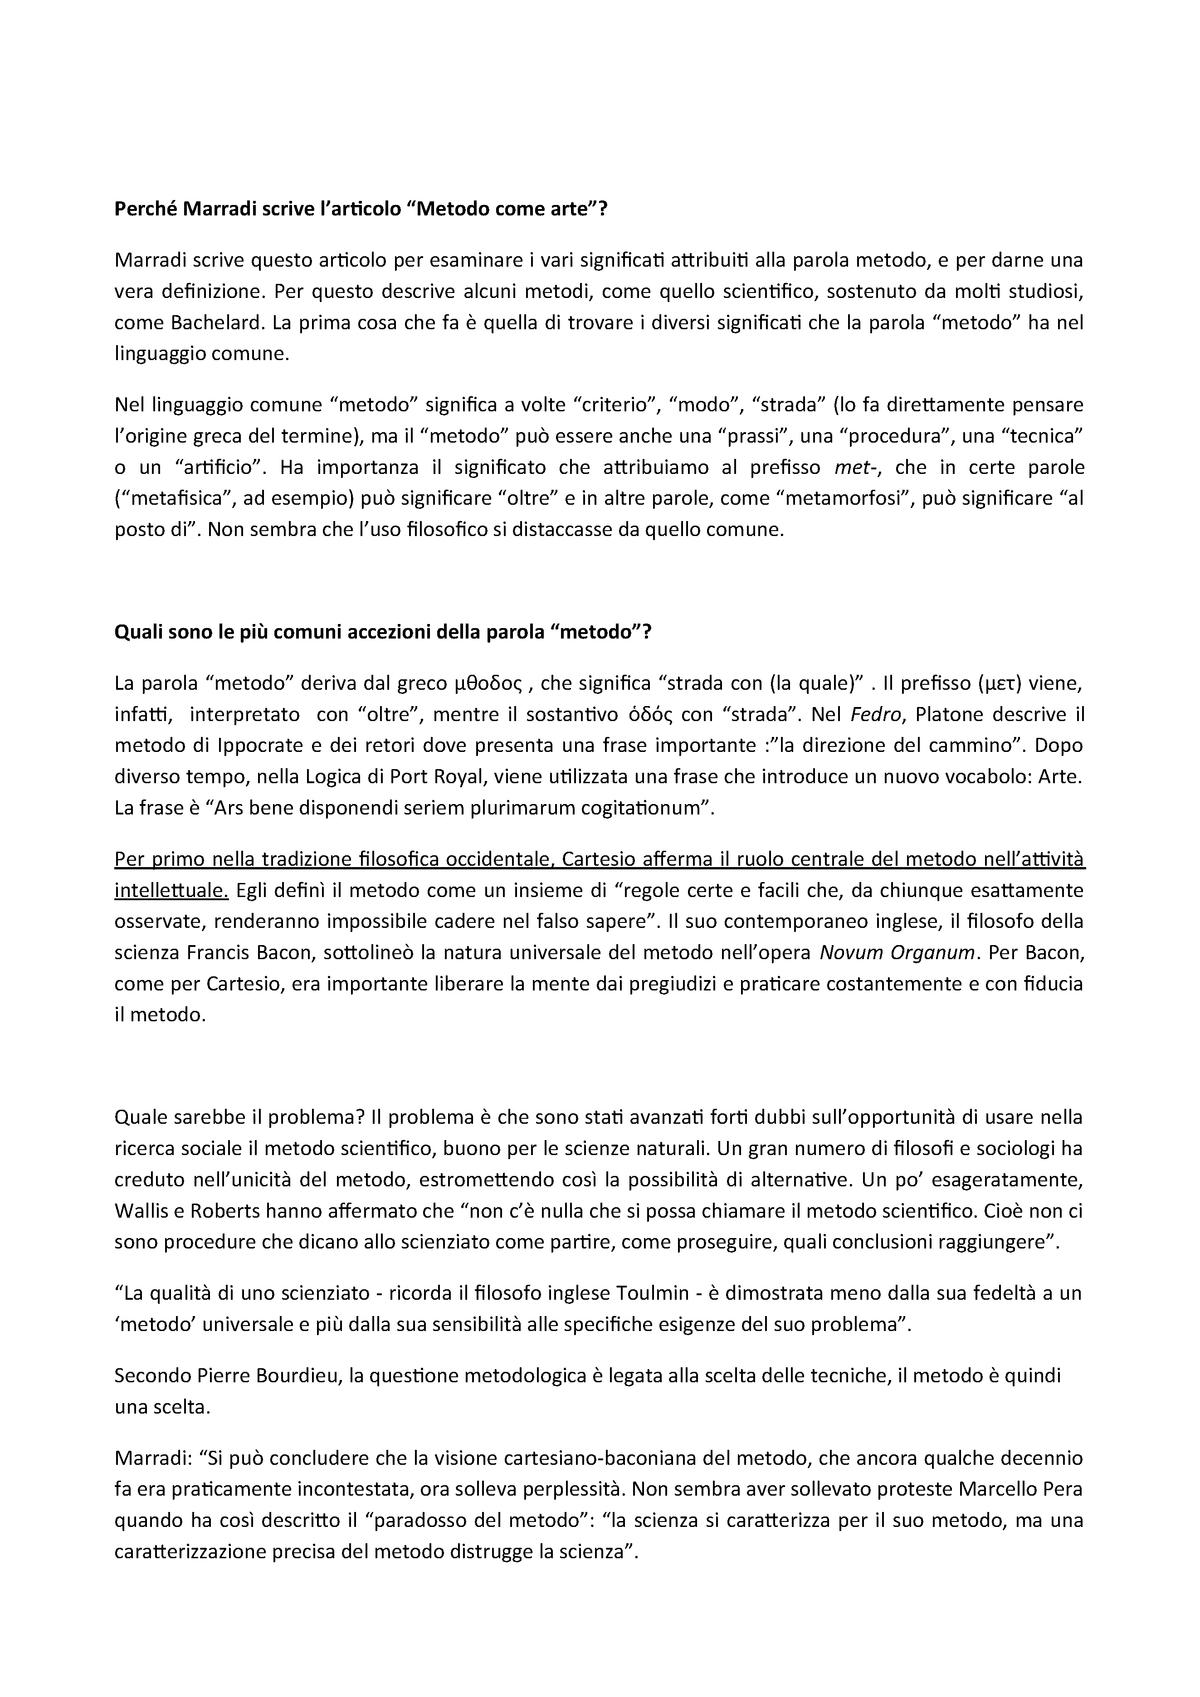 Appunti e sintesi del saggio di Marradi, Metodo come arte